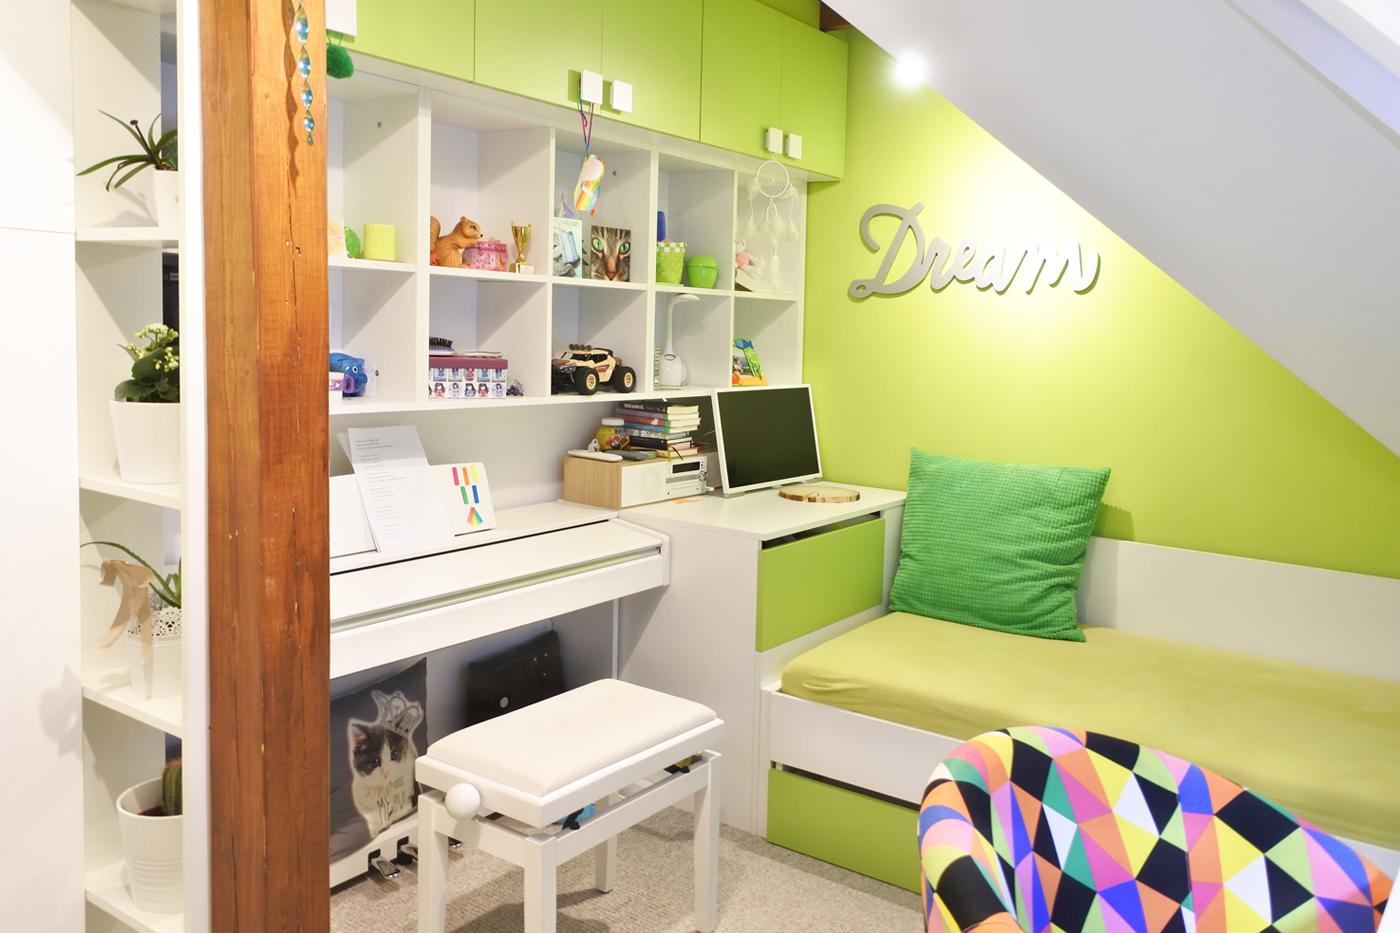 Pokojík mladé slečny, která ráda hraje na klavír obsahuje dostatek nového úložného prostoru i druhou výsuvnou postel k příležitostnému přespání.